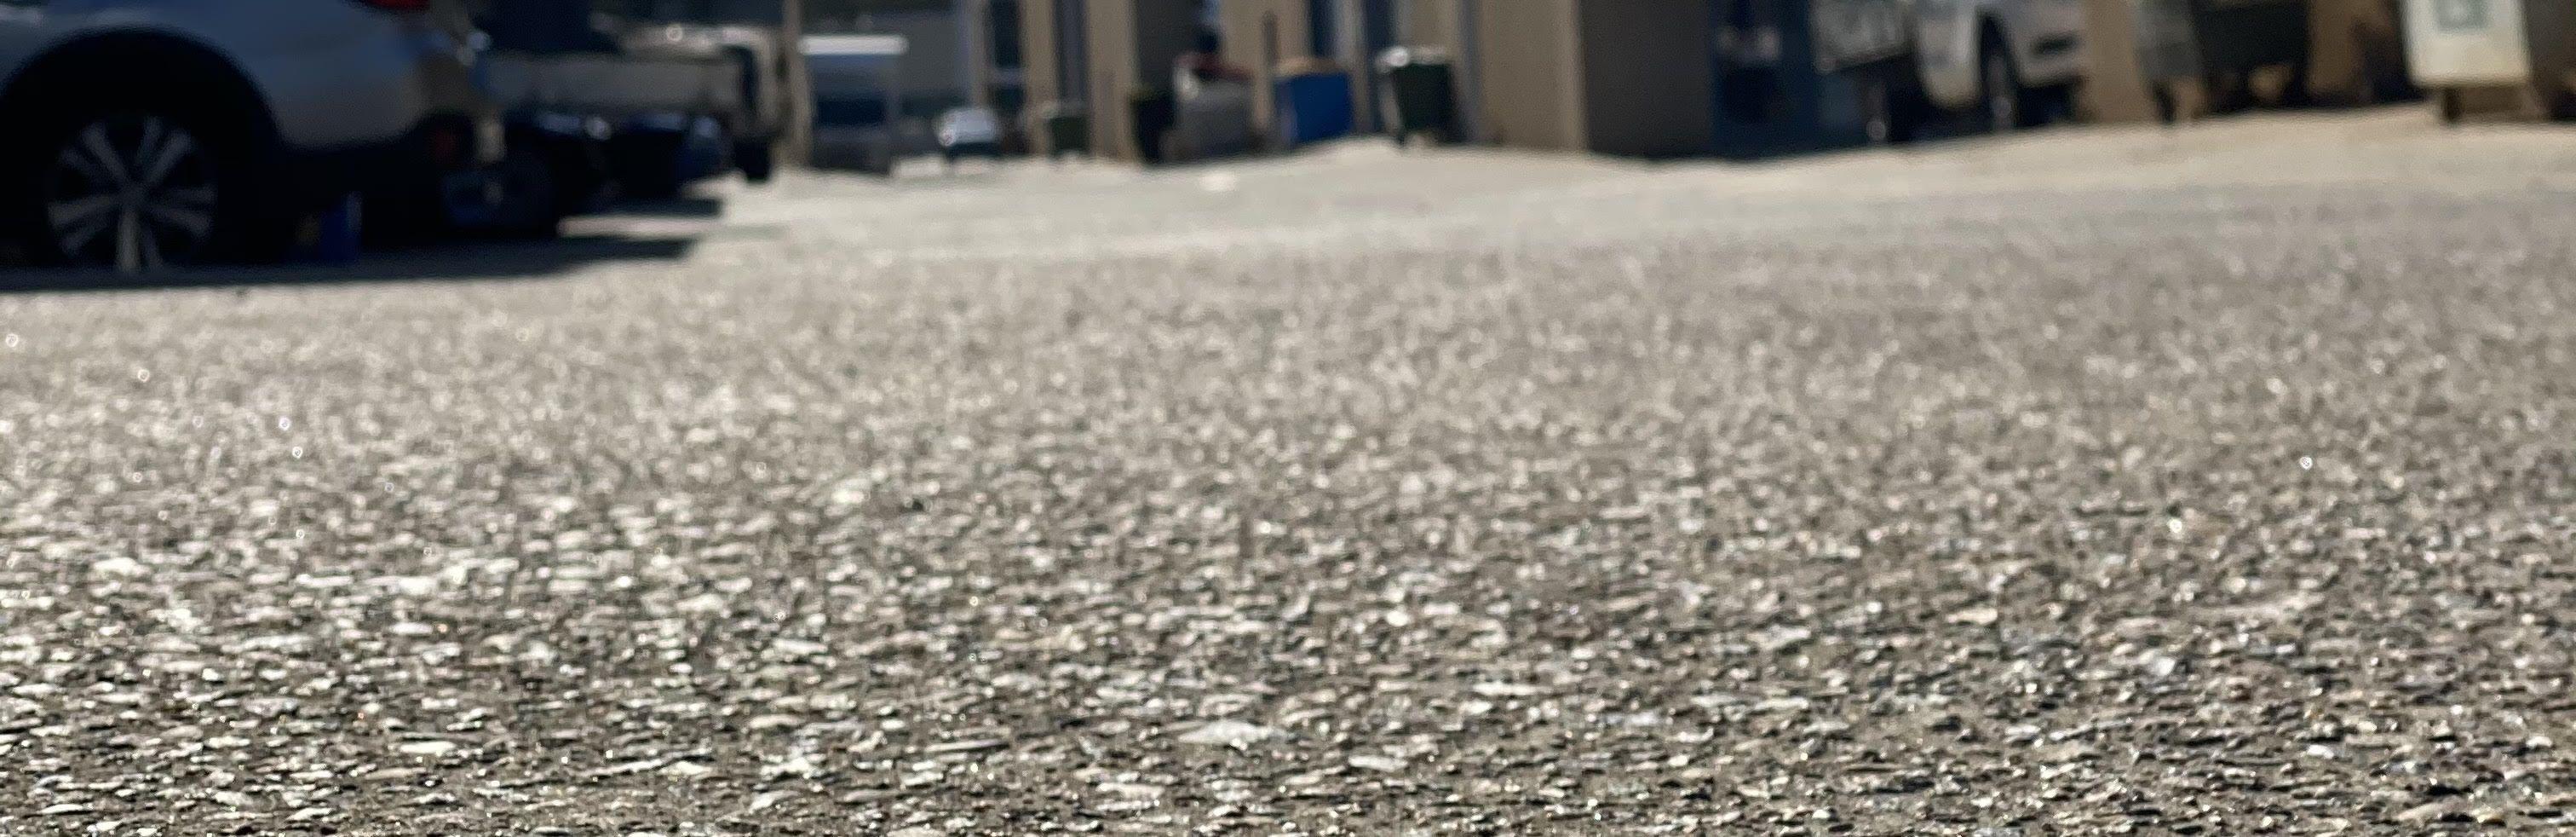 Car Park Pebble Road Material